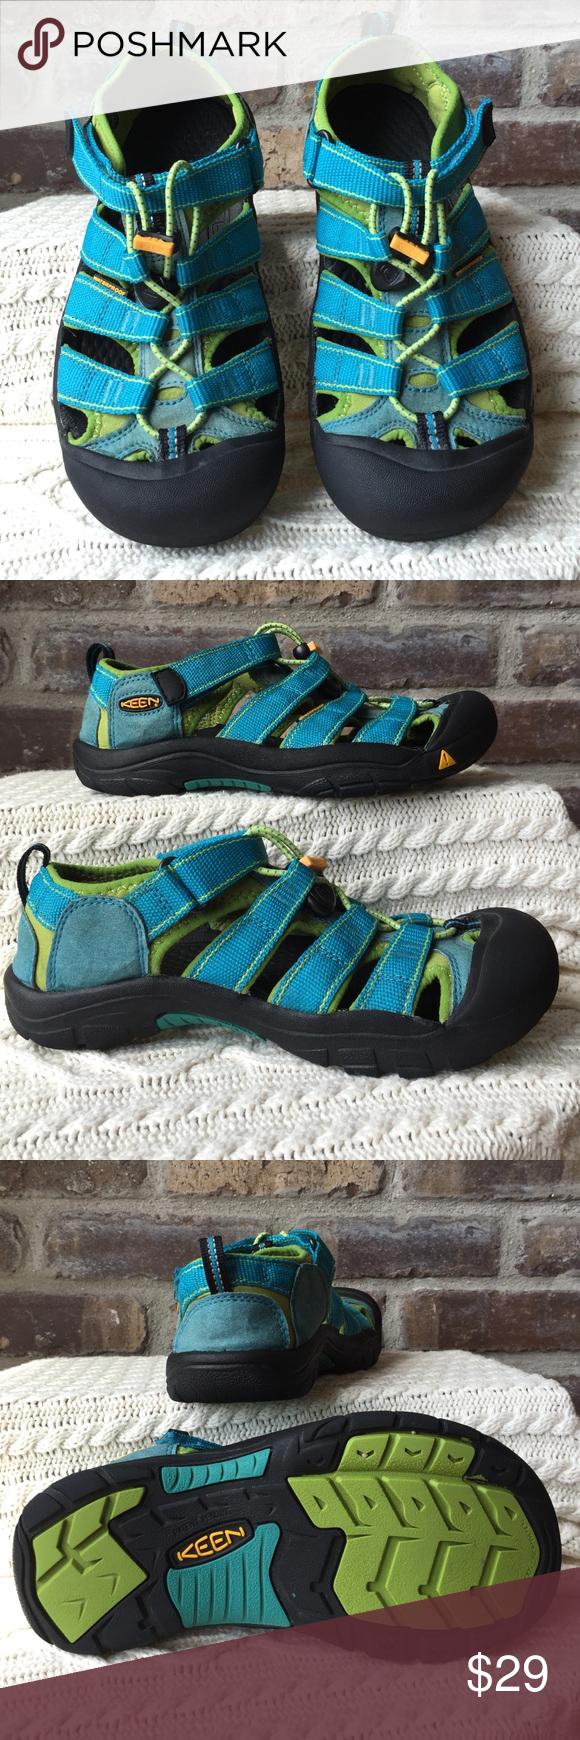 Keen sandals Kids size 4 Keen sandals. Good condition Keen Shoes Sandals & Flip Flops